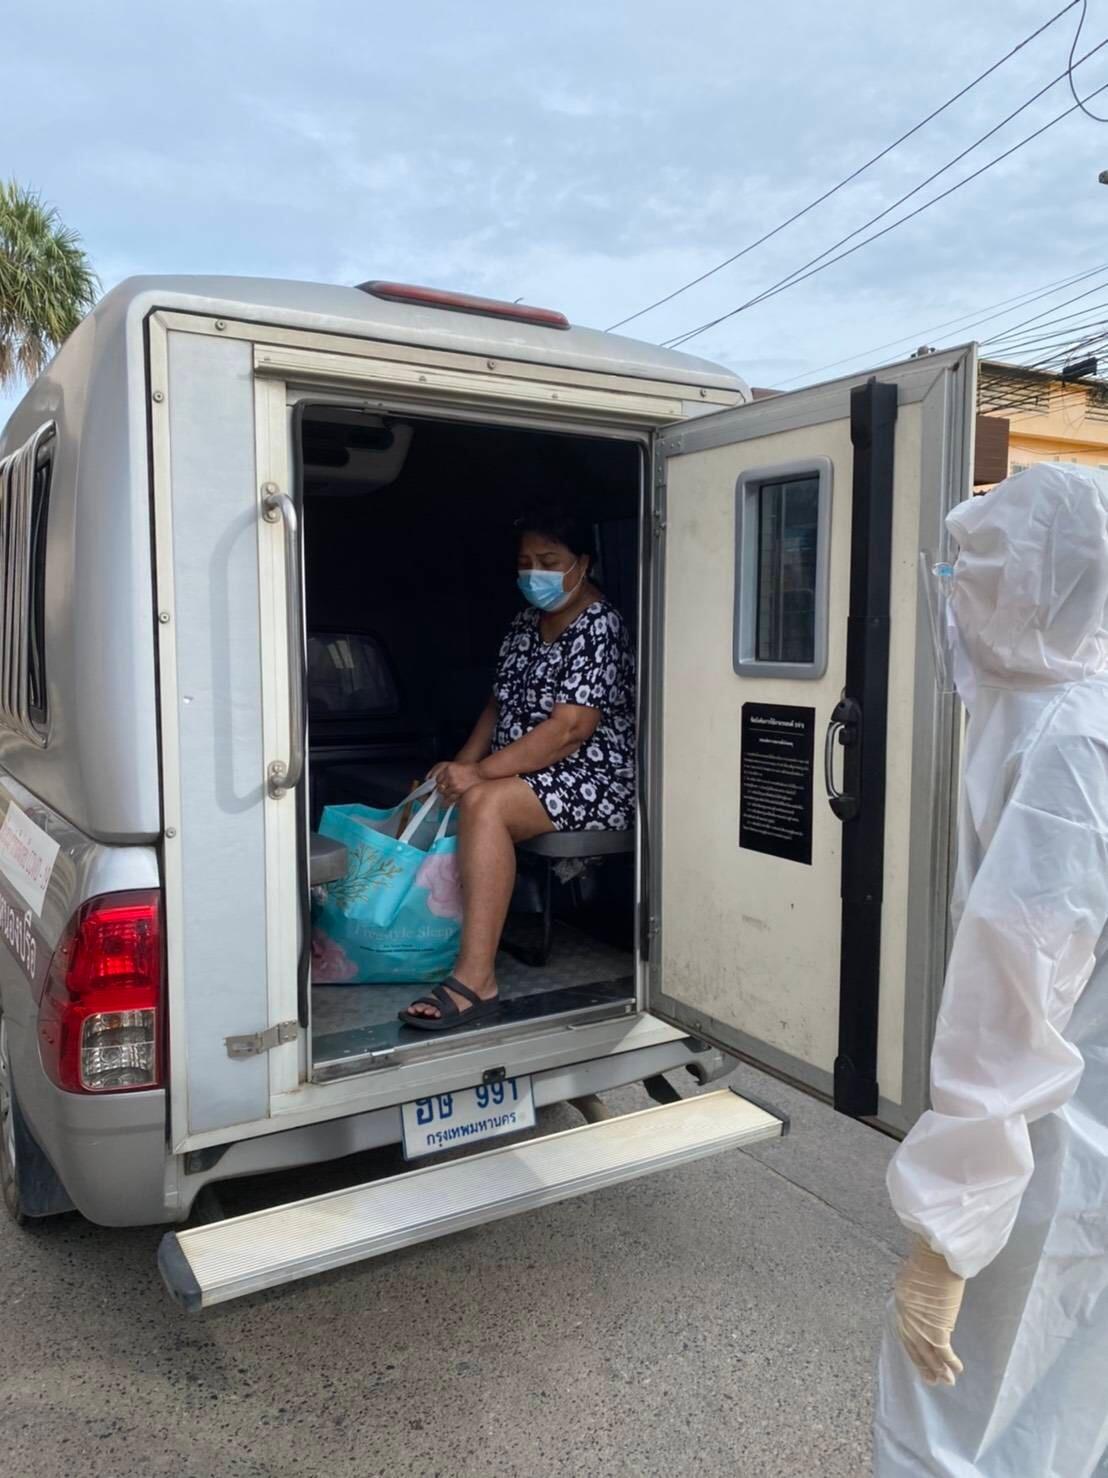 Полиция Паттайи доставляет коронавирусных больных в автозаке